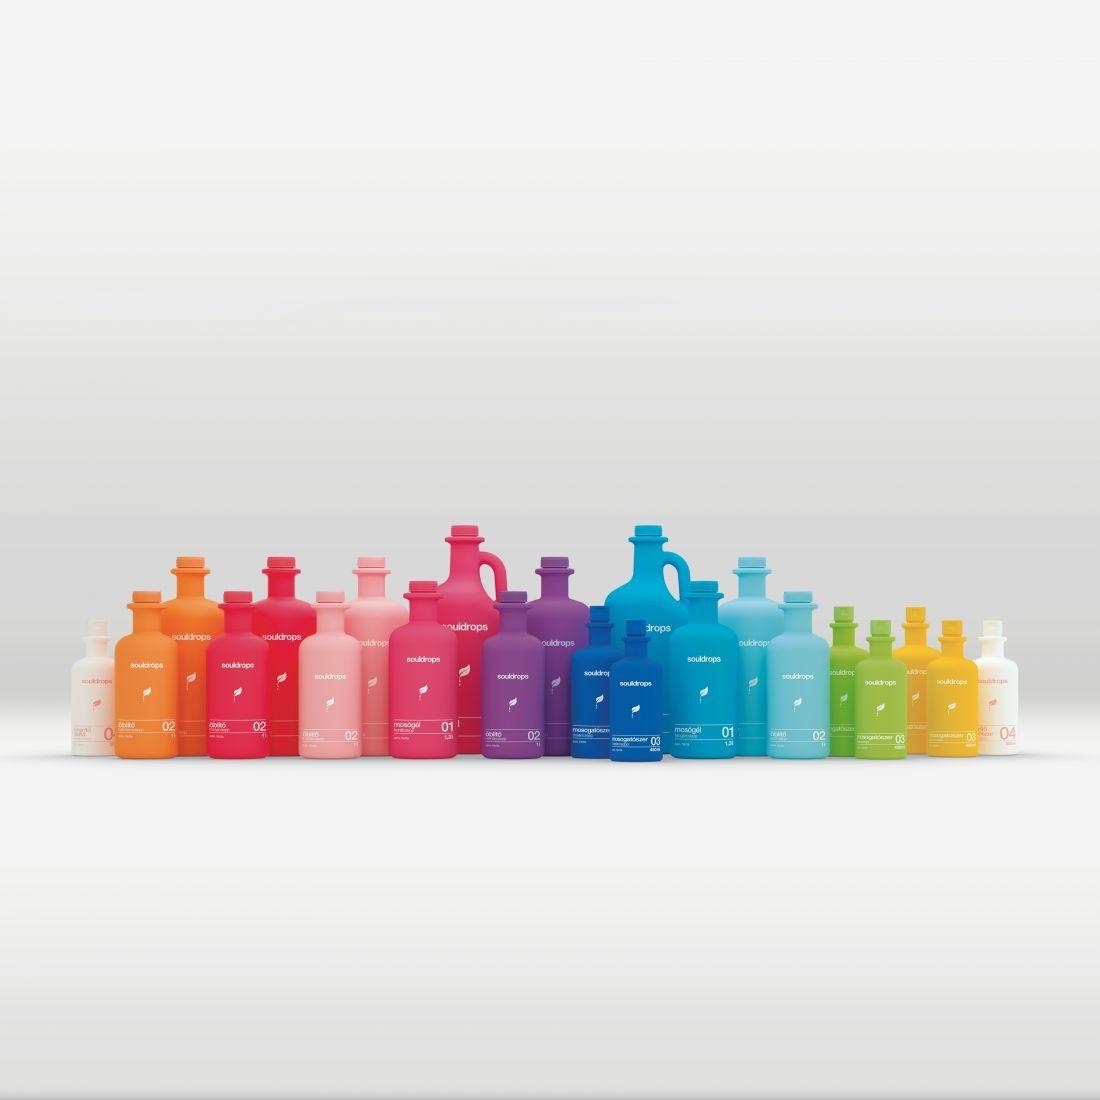 20个最佳平面设计获奖作品-A' Design Awards